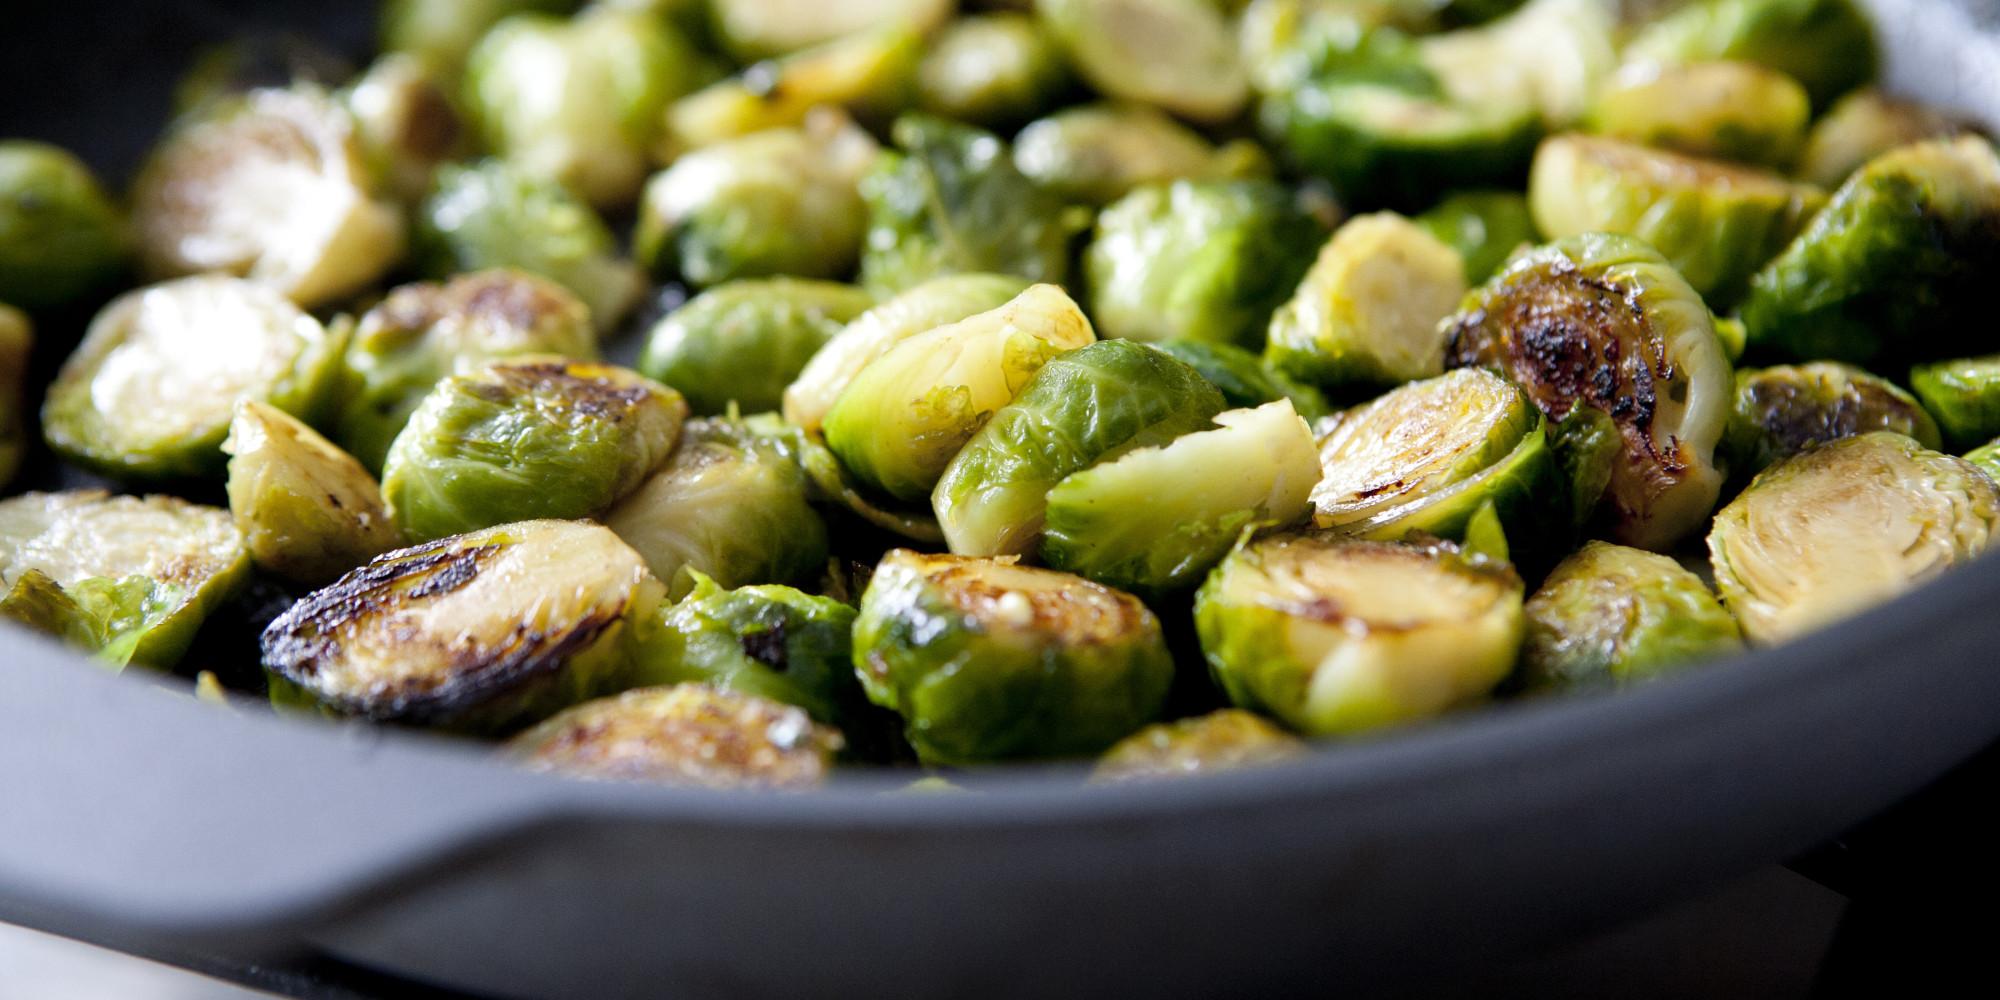 брюссельская капуста калорийность жареная